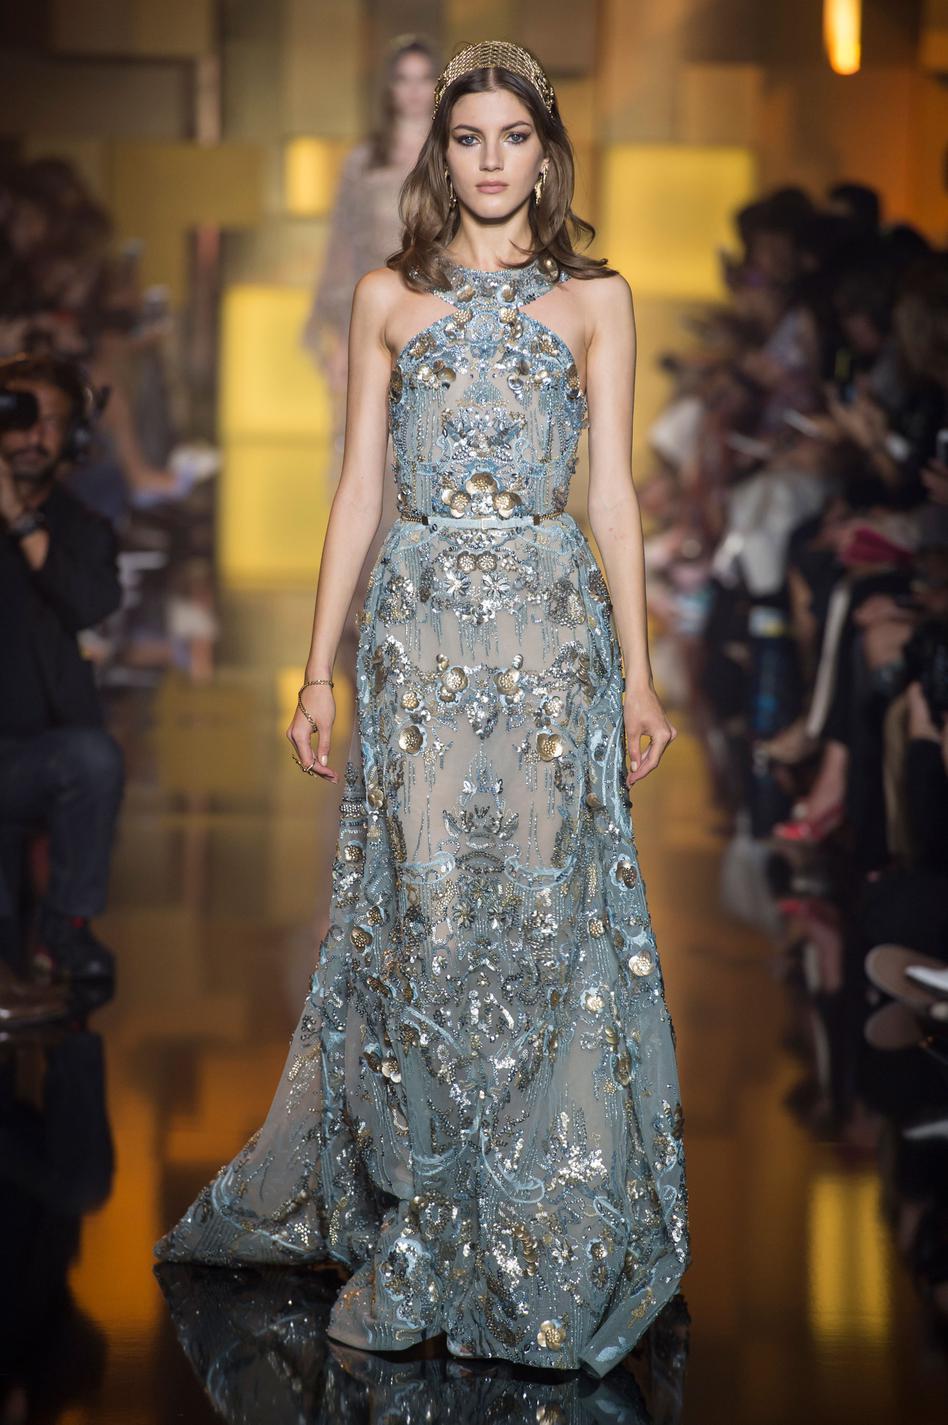 Connu Les robes haute couture automne-hiver 2015-2016 les plus HQ41